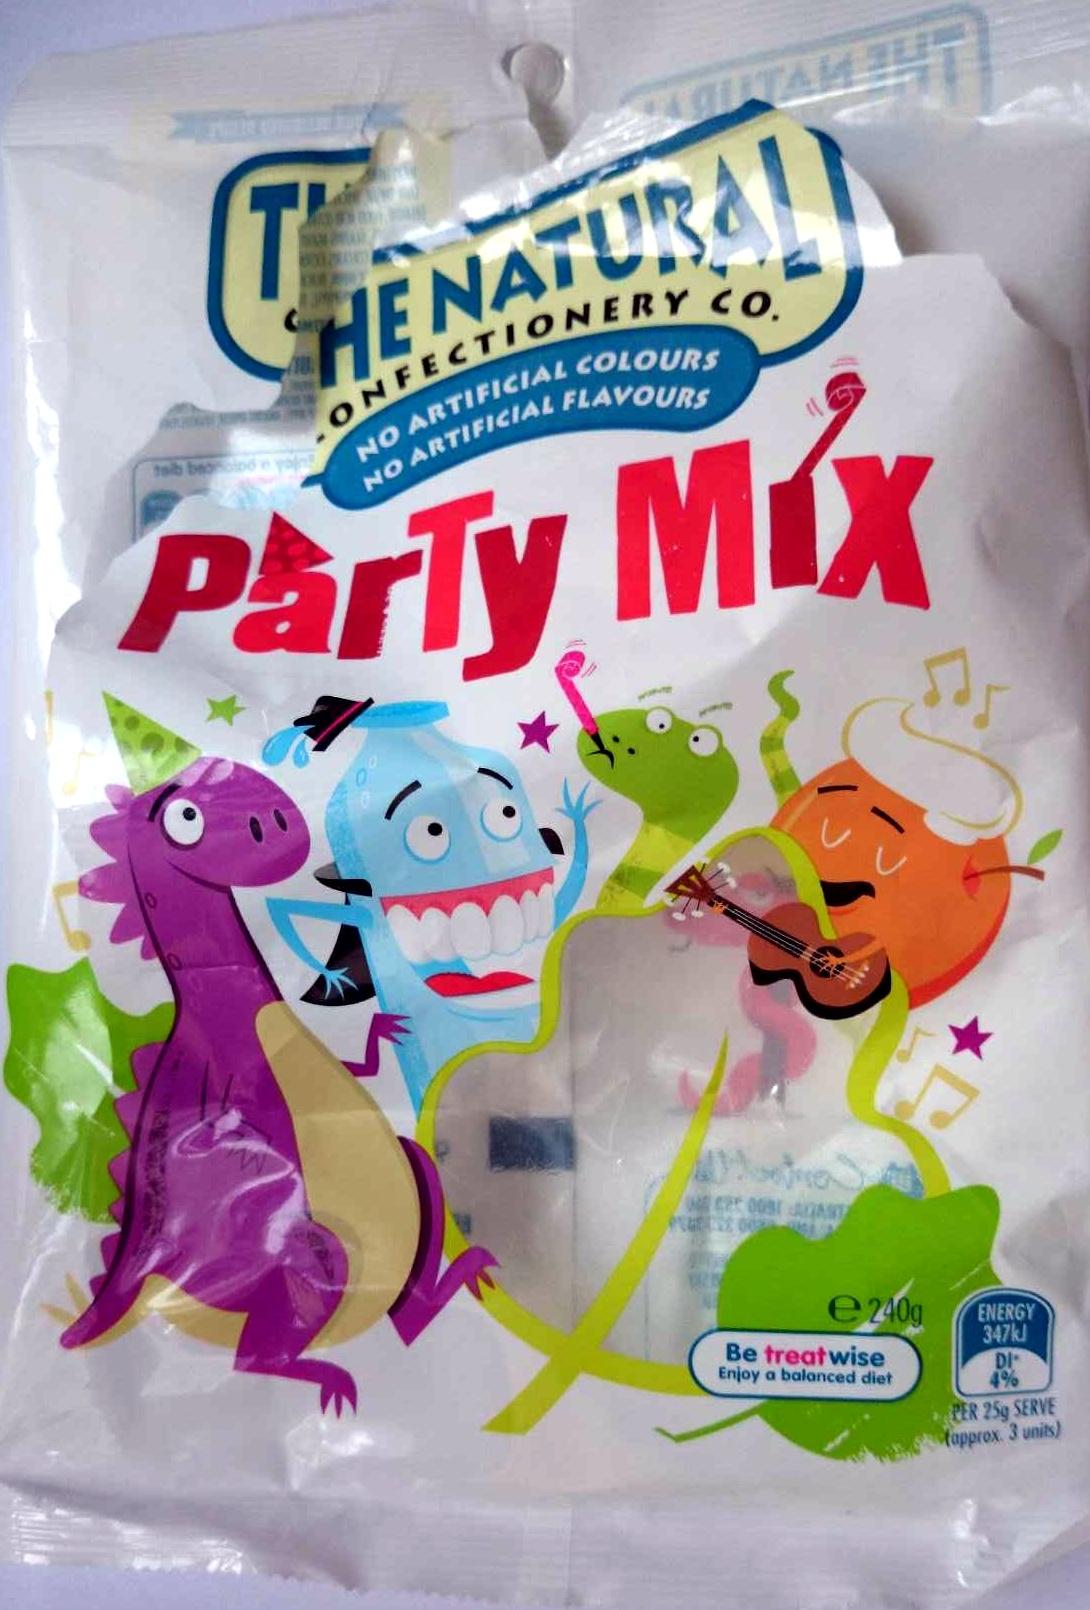 Party mix - Product - en